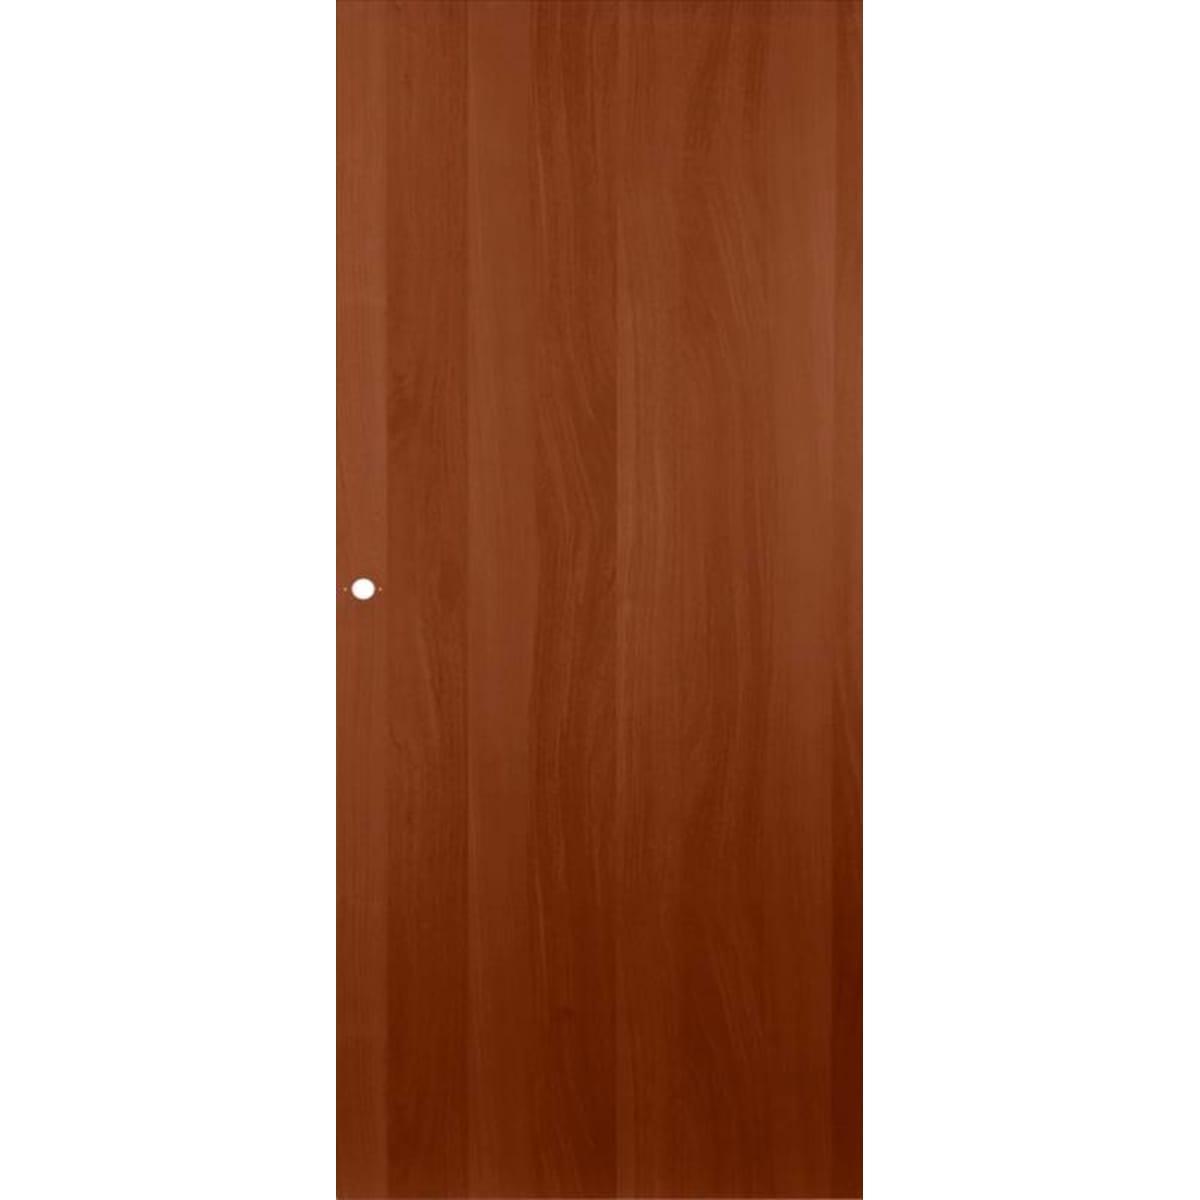 Дверь межкомнатная глухая ламинированная 60x200 см цвет итальянский орех